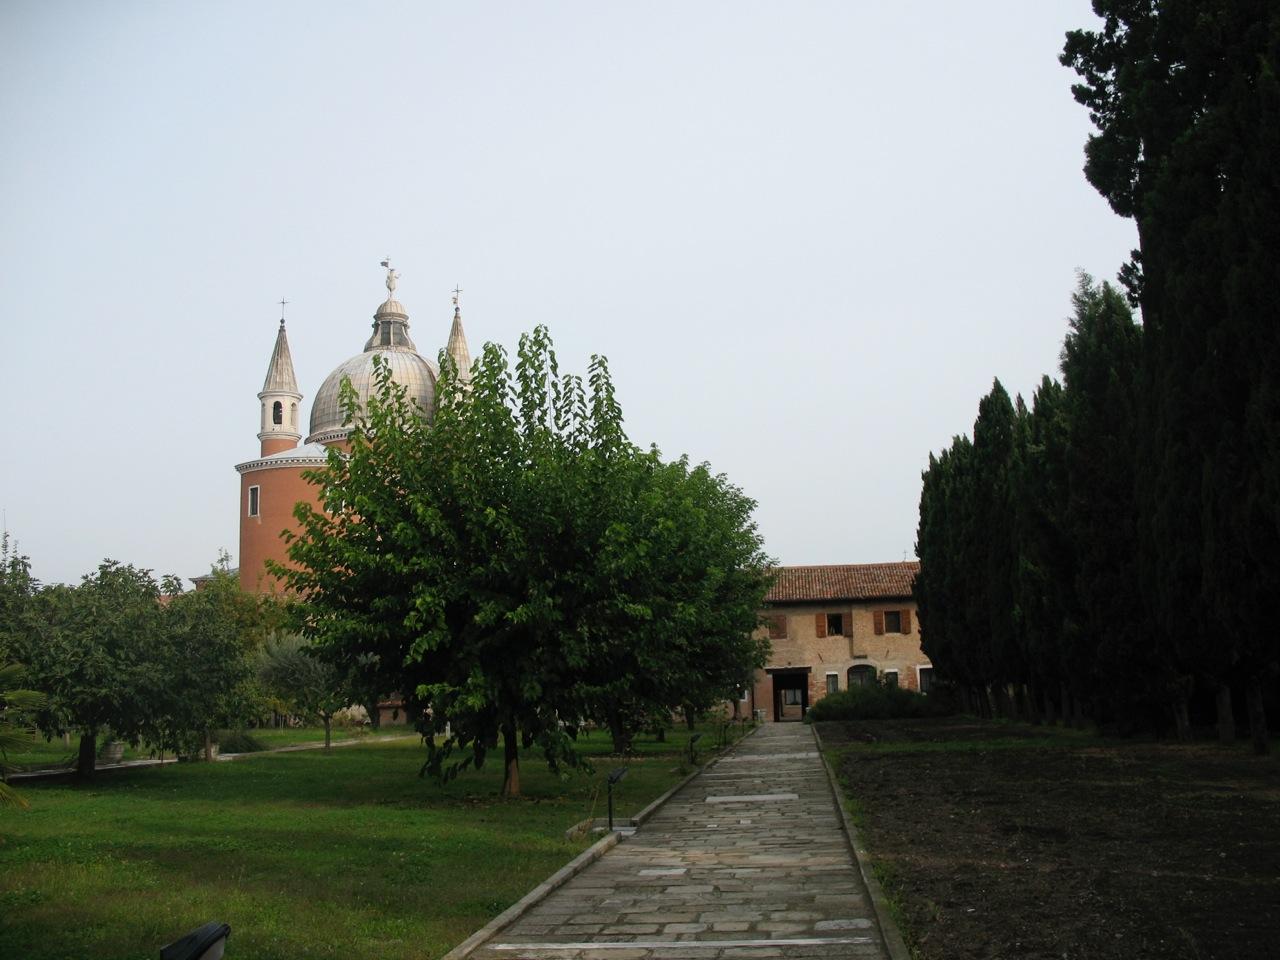 Scorcio del giardino del Redentore alla Giudecca (Venezia)